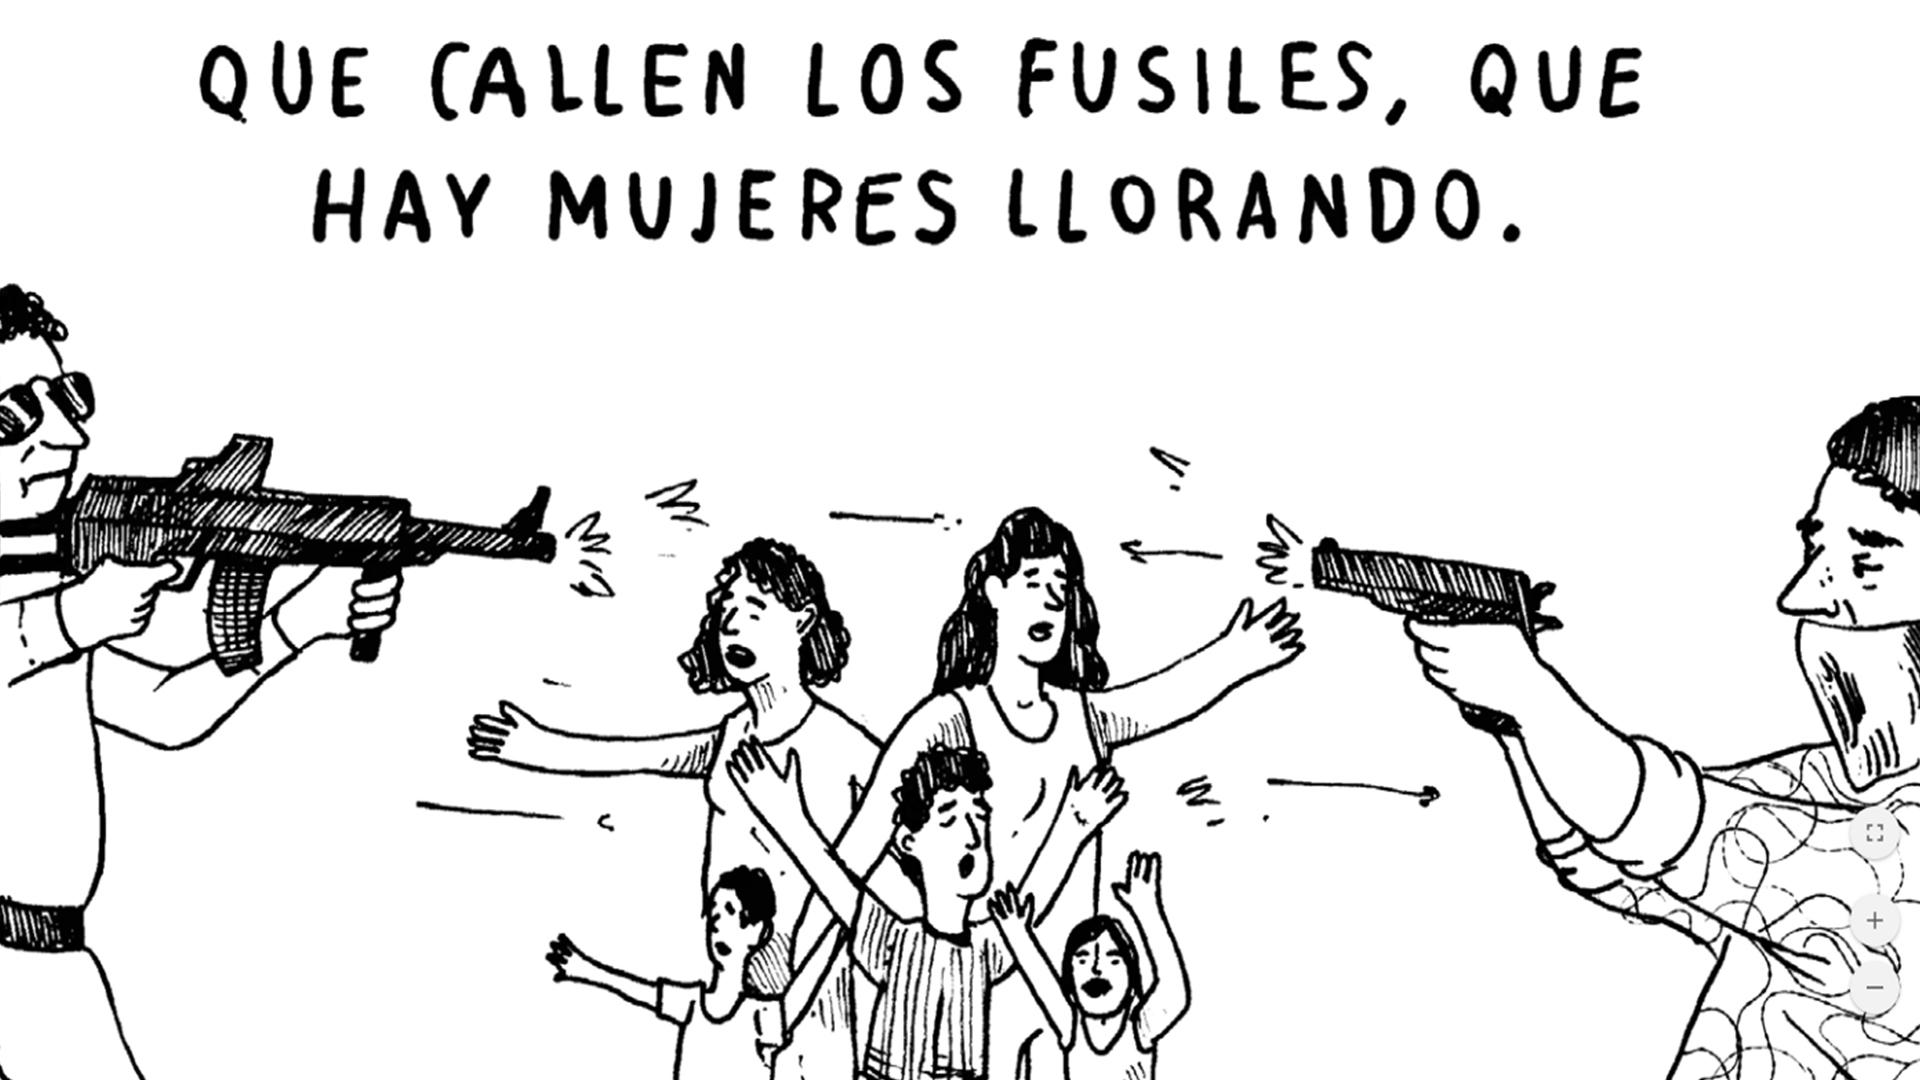 Tres cómics sobre tres verdades del conflicto armado en Colombia